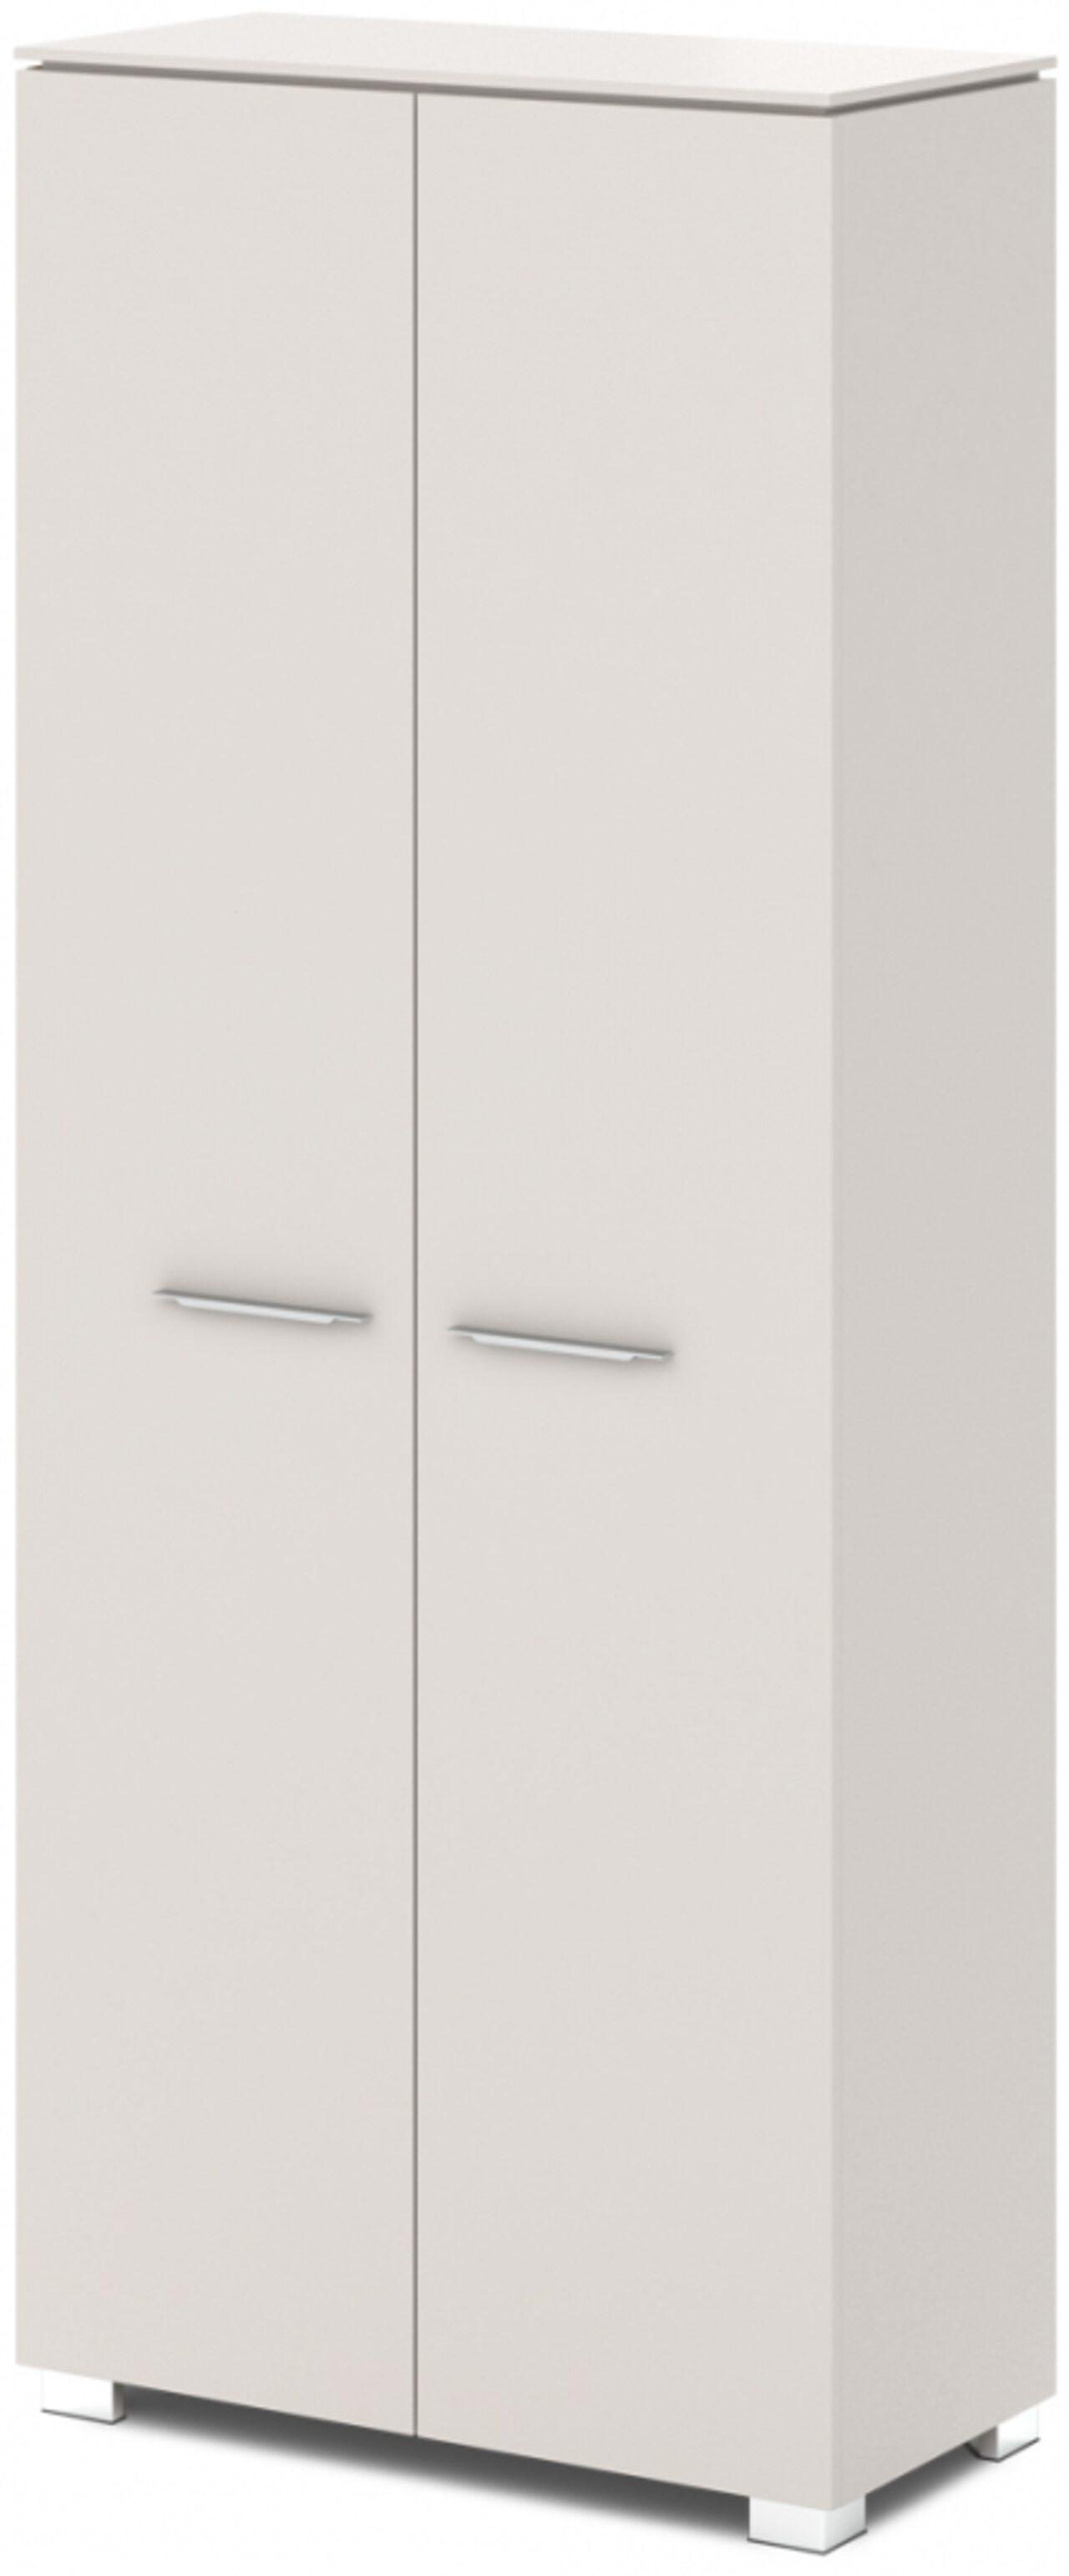 Шкаф для одежды комбинированный - фото 1